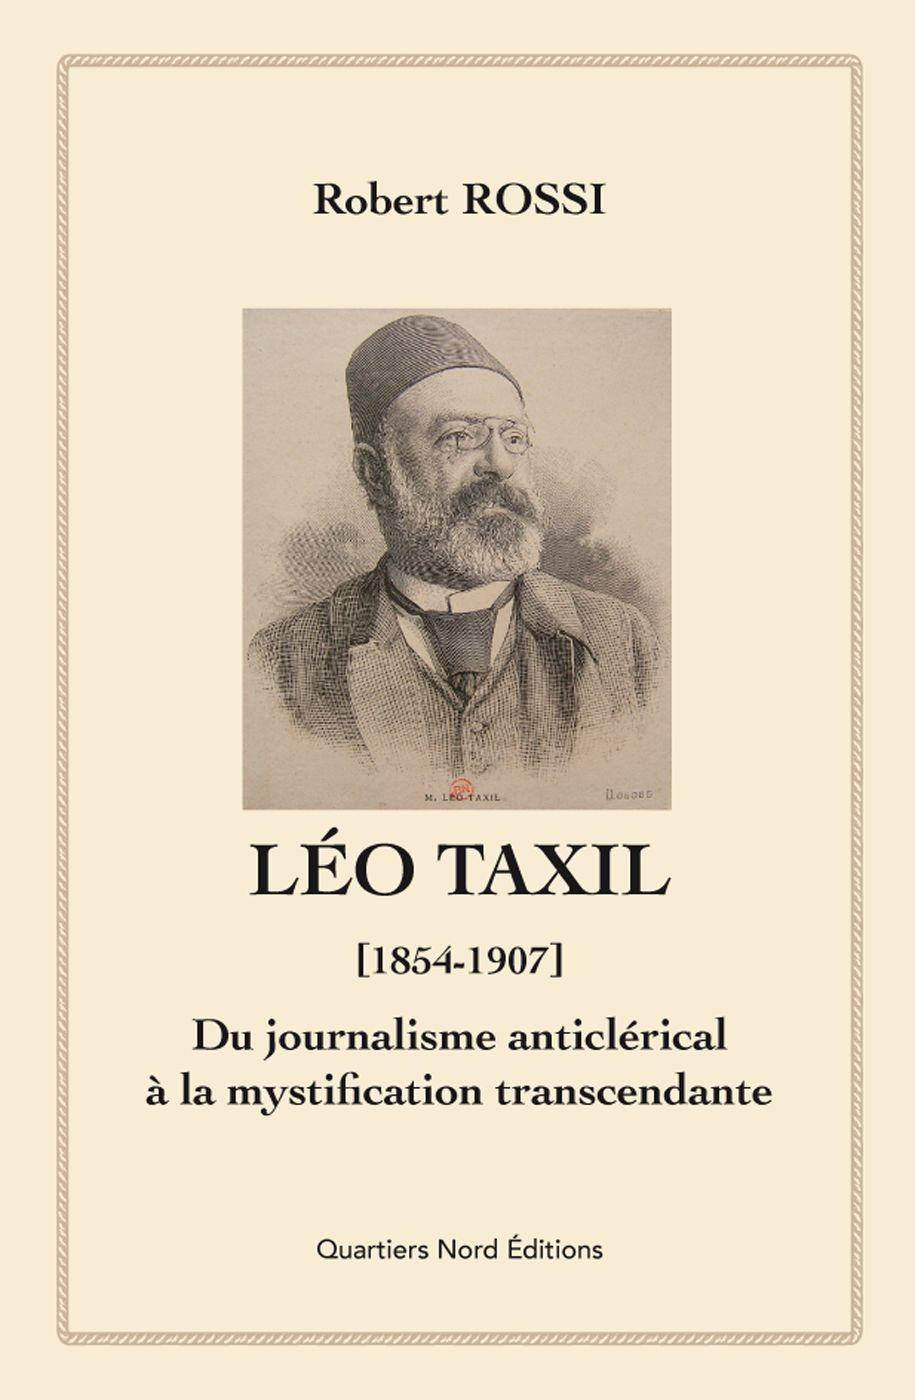 Léo Taxil (1854-1907) ; du journalisme anticlérical à la mystification transcendante